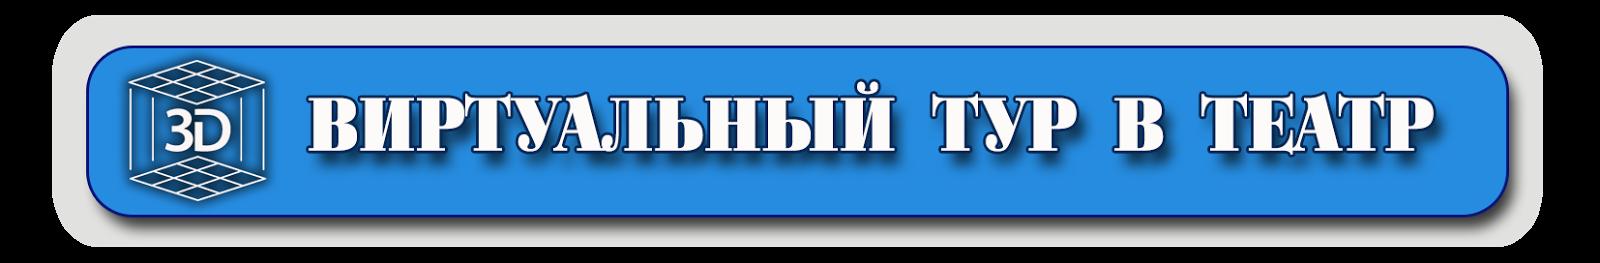 http://3dsaransk.ru/panorams/teatr/20